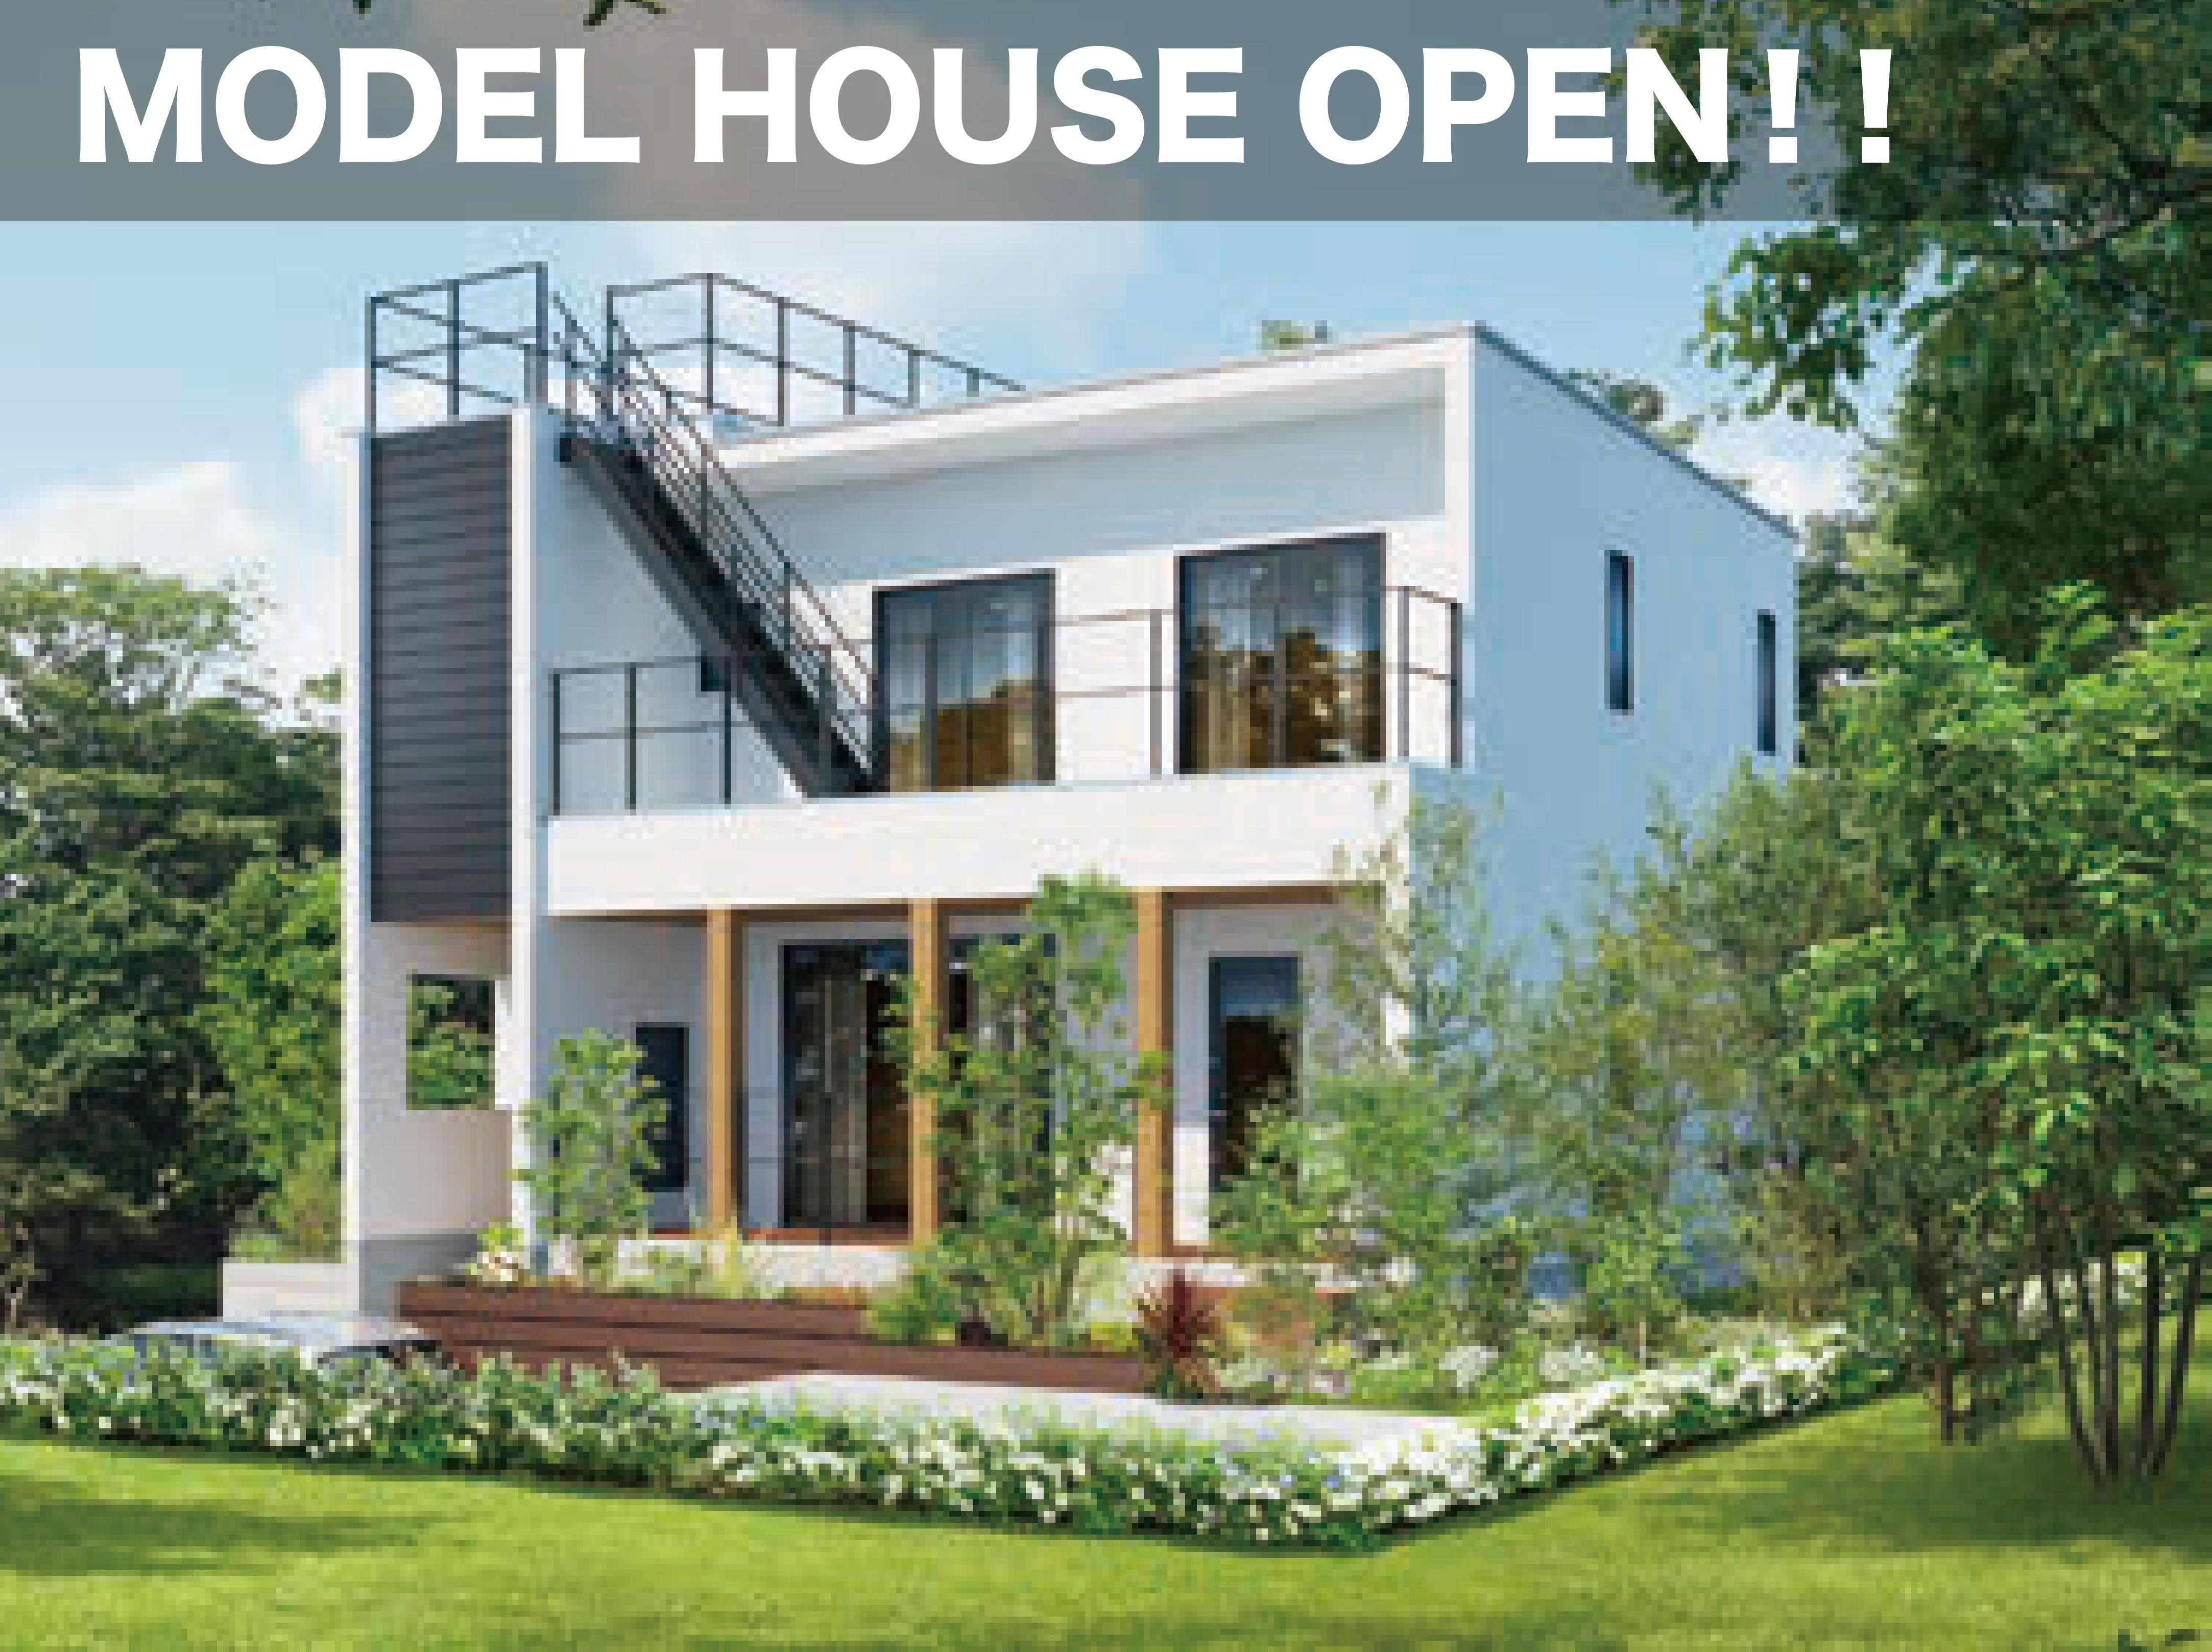 11/23・24(土・日)【長崎の家】モデルハウス・ご案内会のご予約はこちらです。